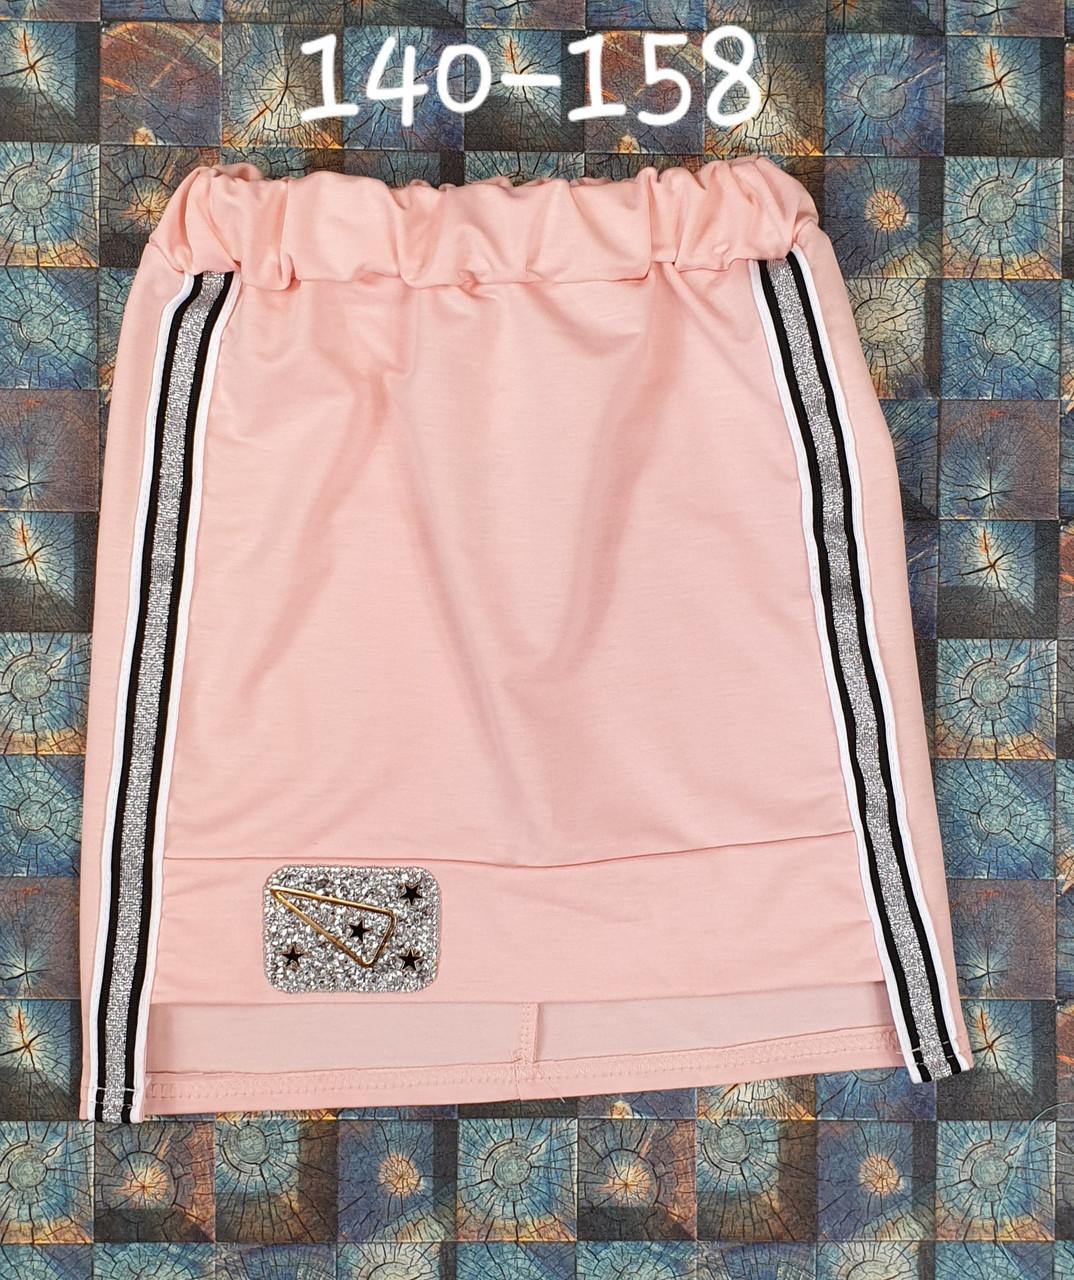 Детская юбка Стиль 140-158 персик